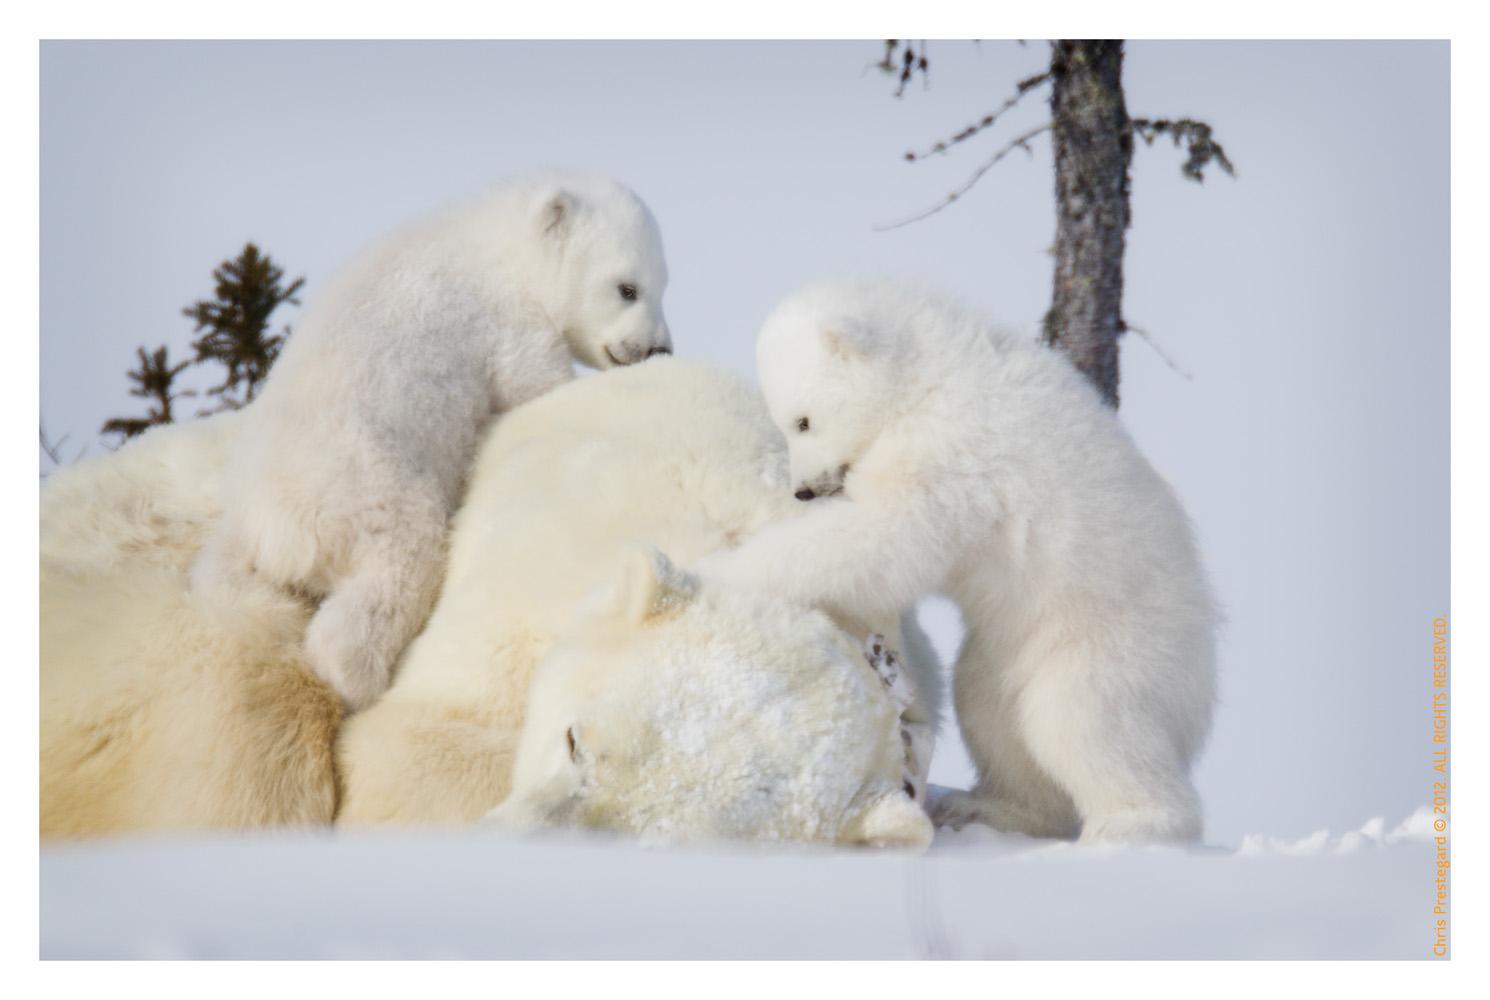 PolarBear4646-May22-2012